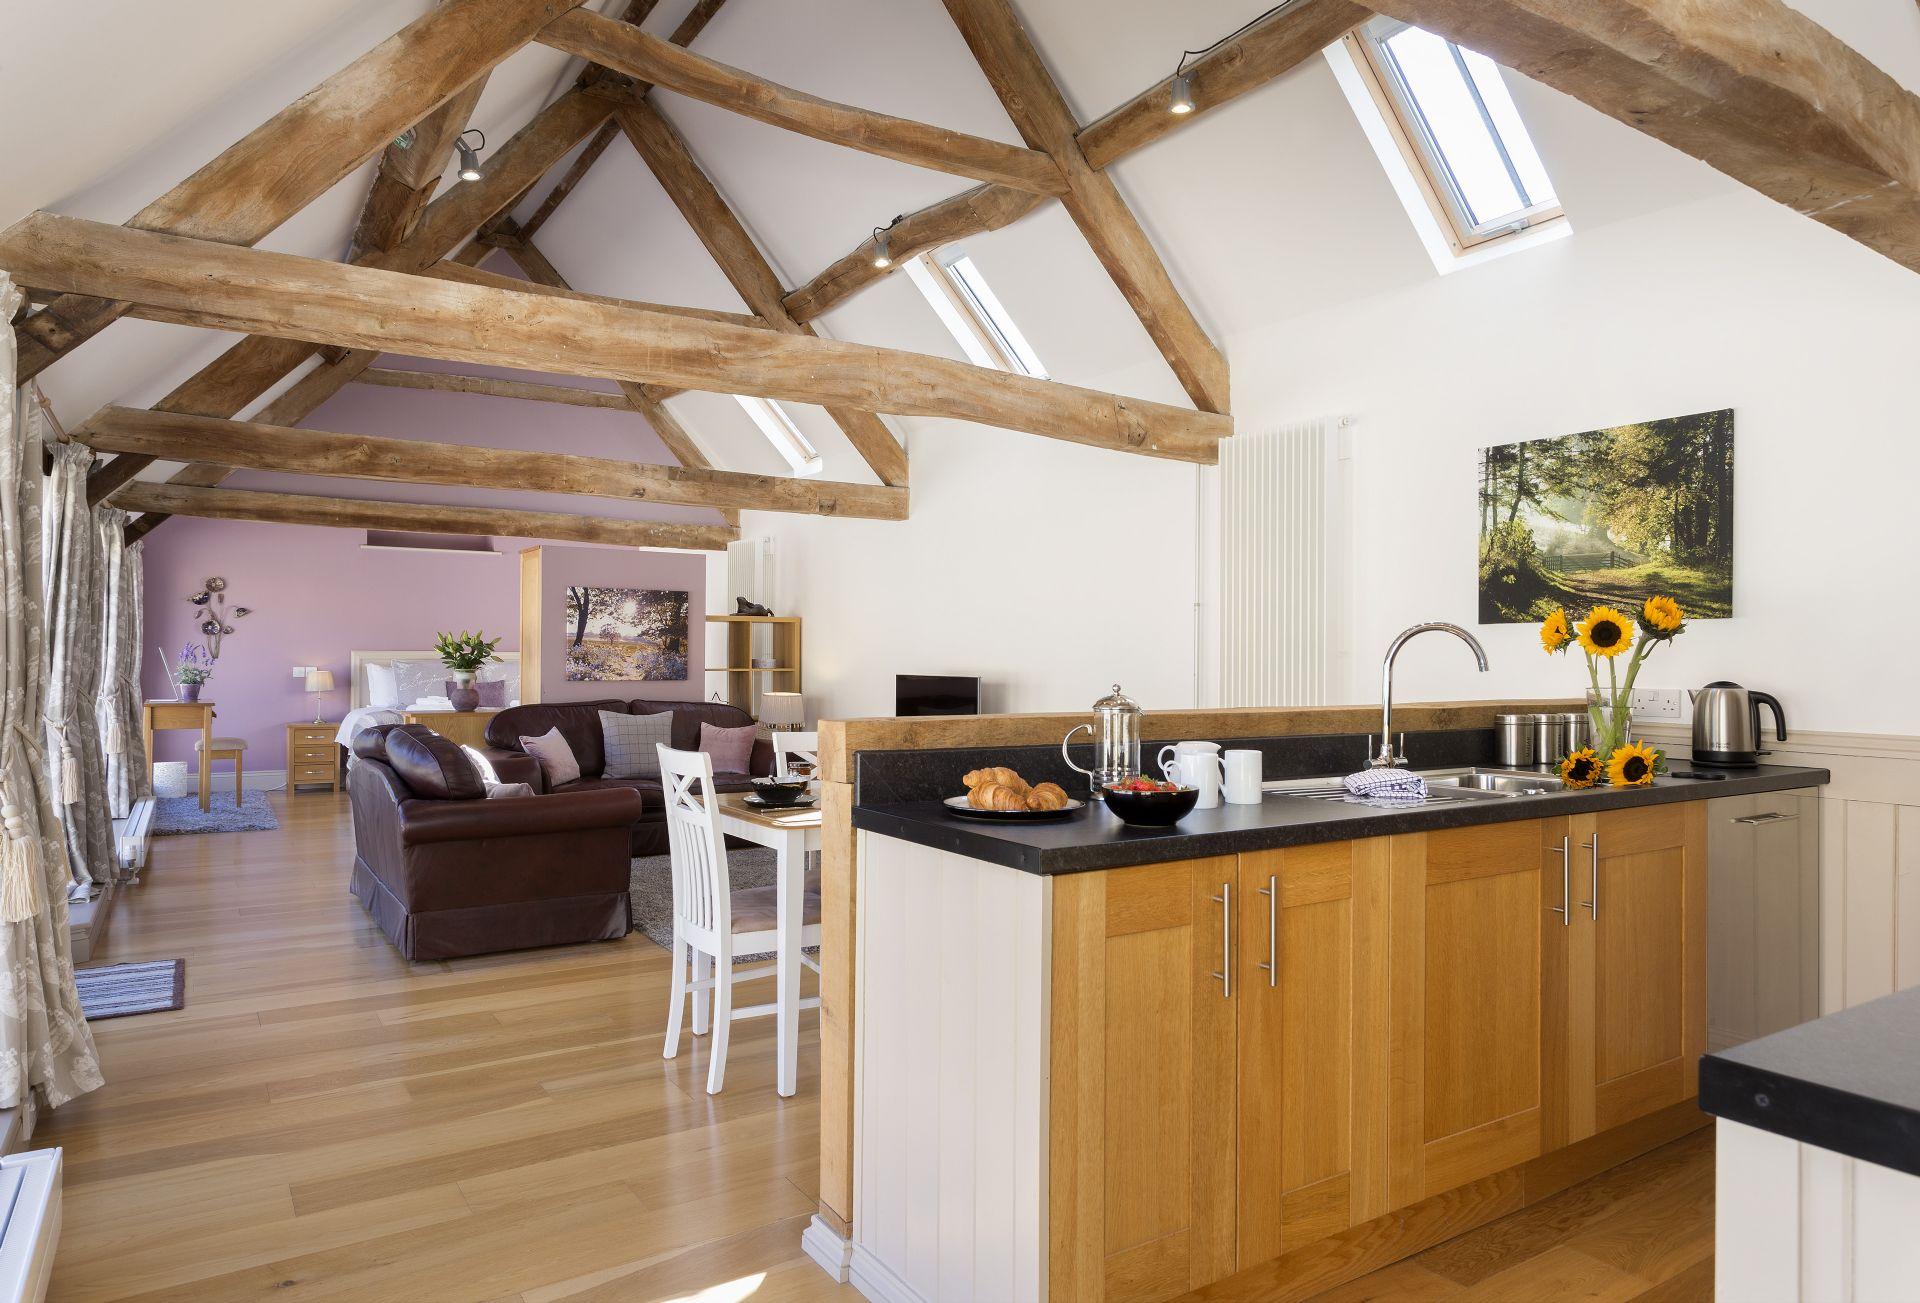 Ground floor: Open-plan living space